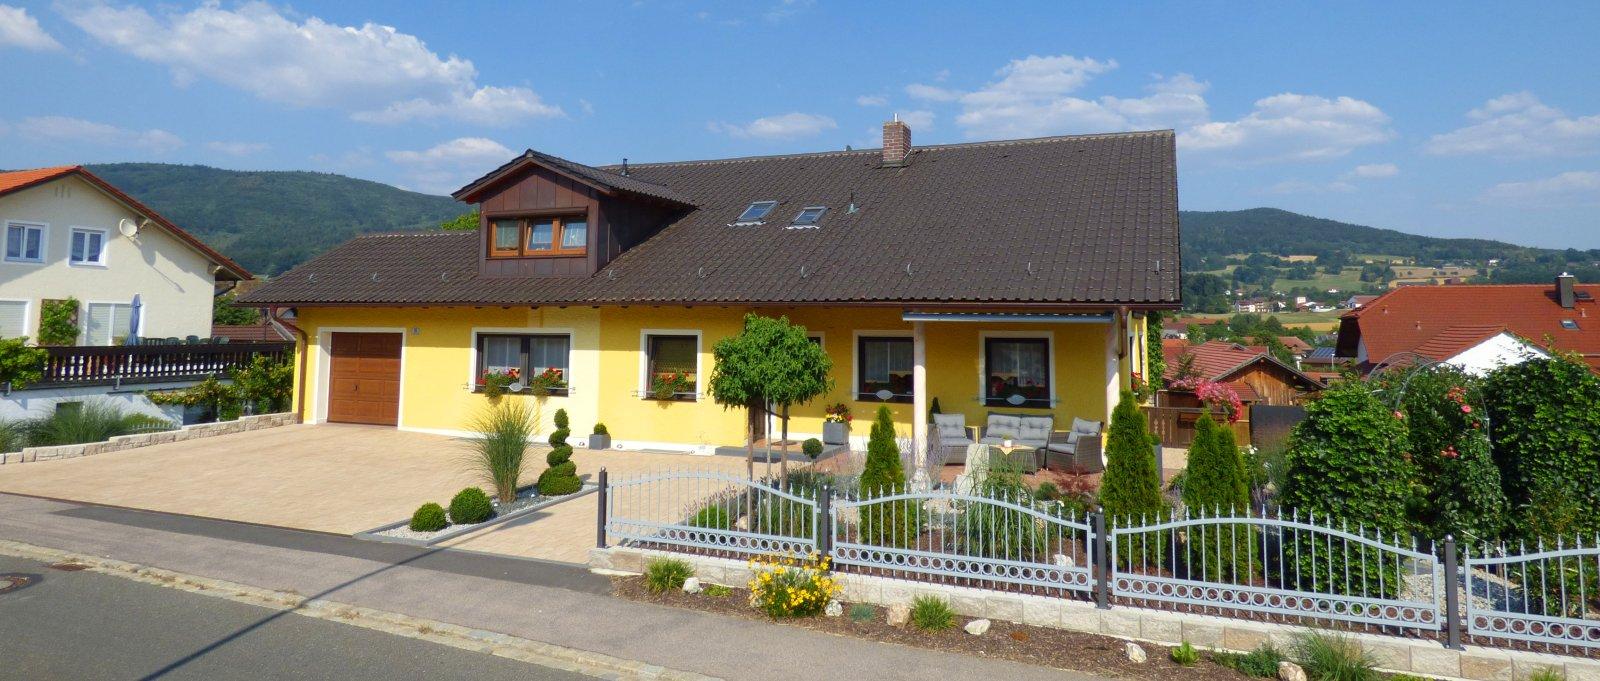 Landhaus Simon in Gleißenberg – Kontakt